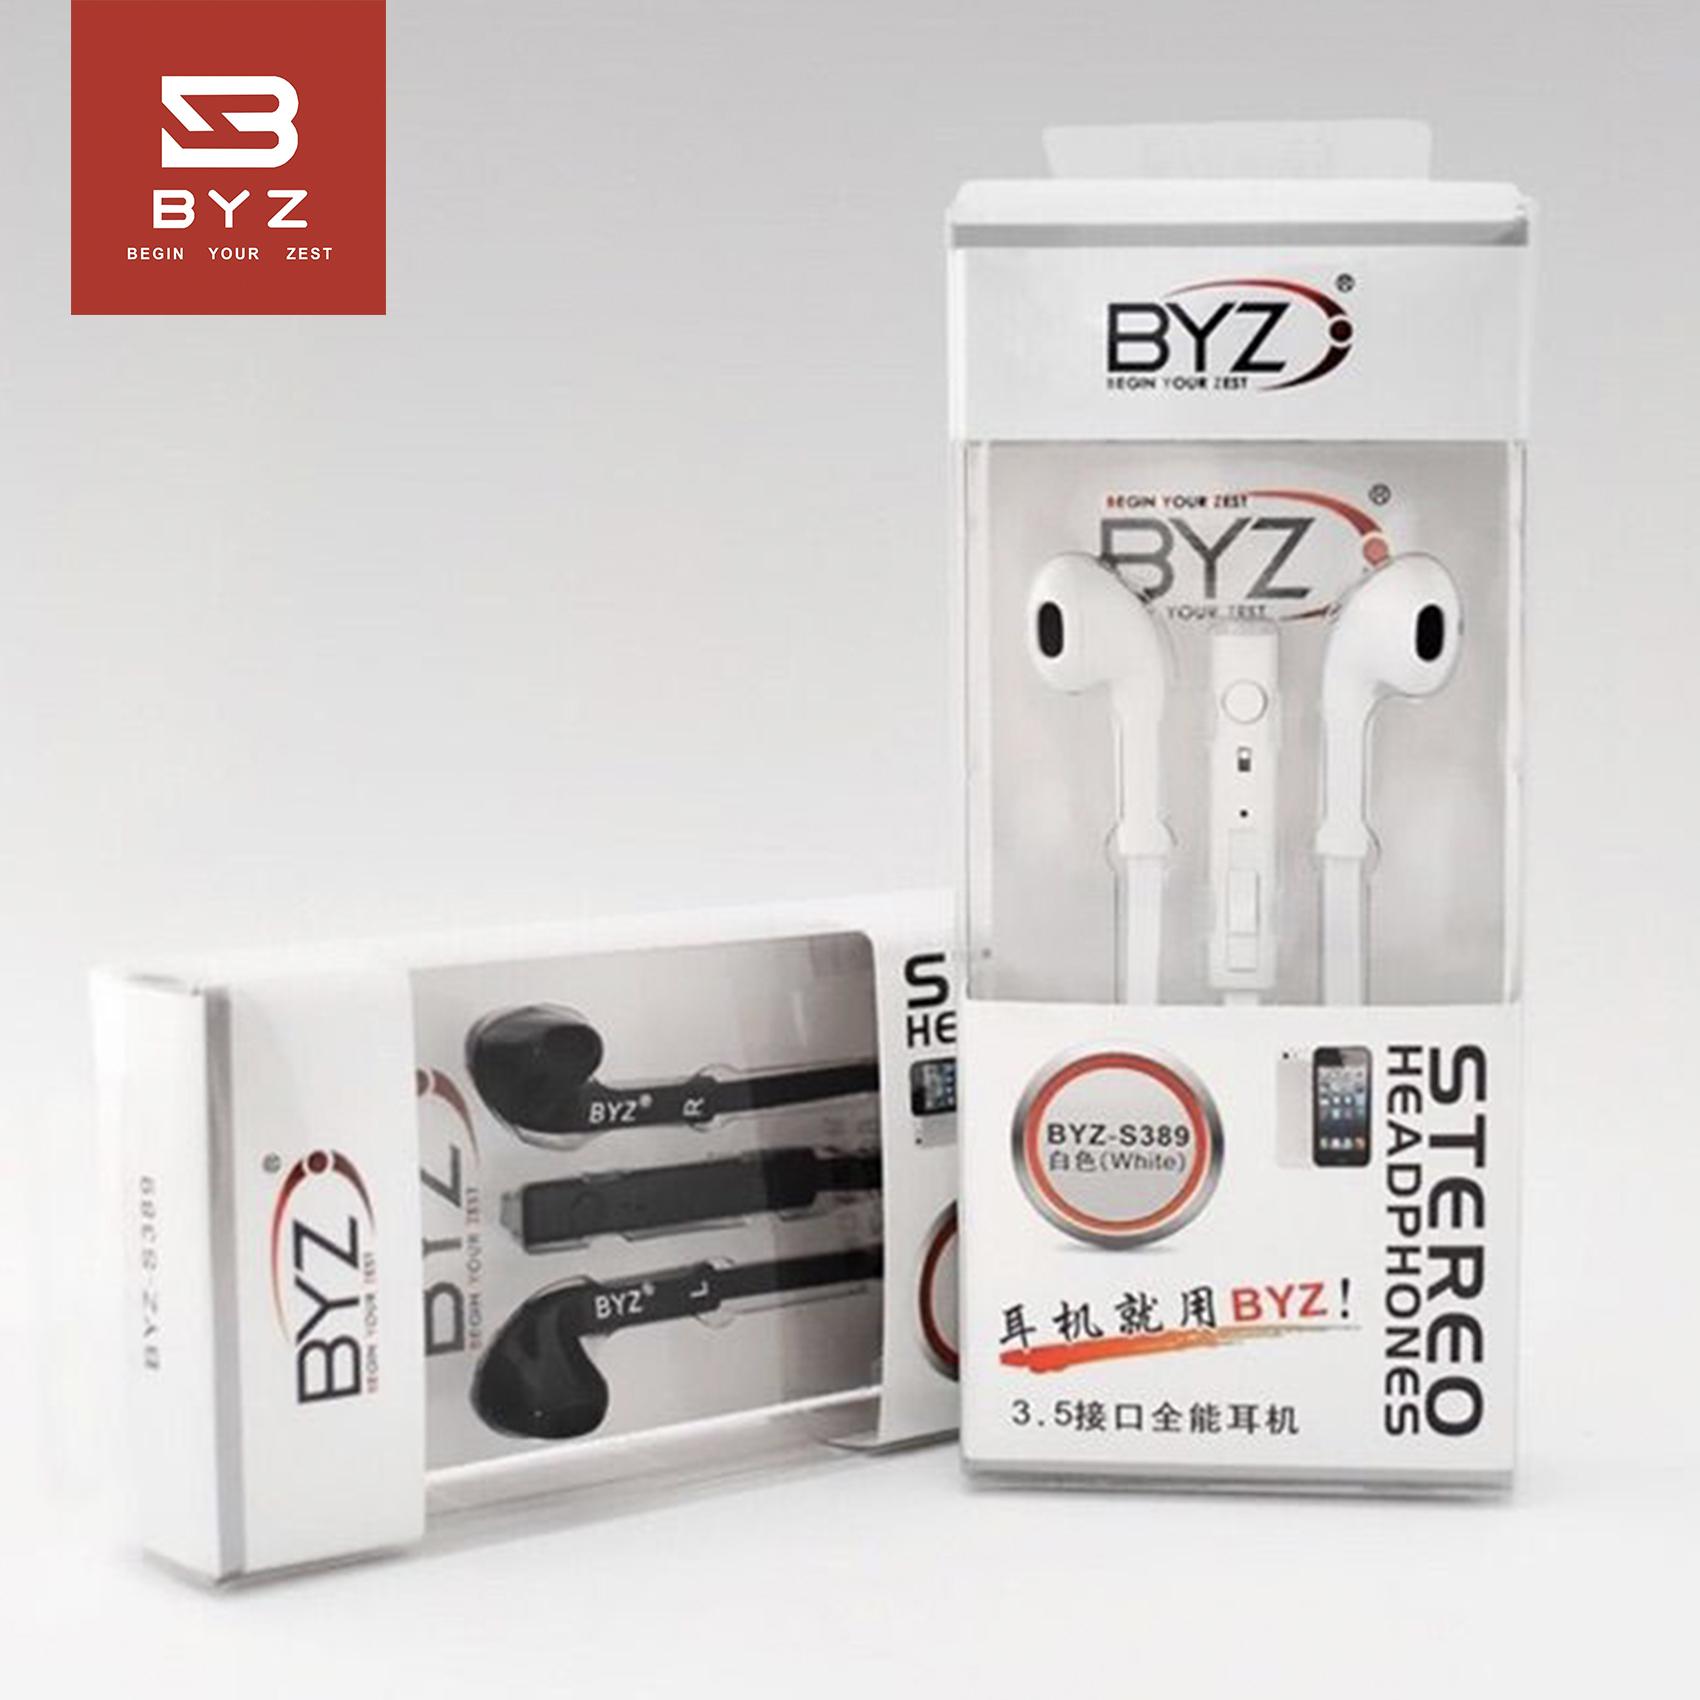 Hình ảnh Tai nghe BYZ 389 ( chính hãng )